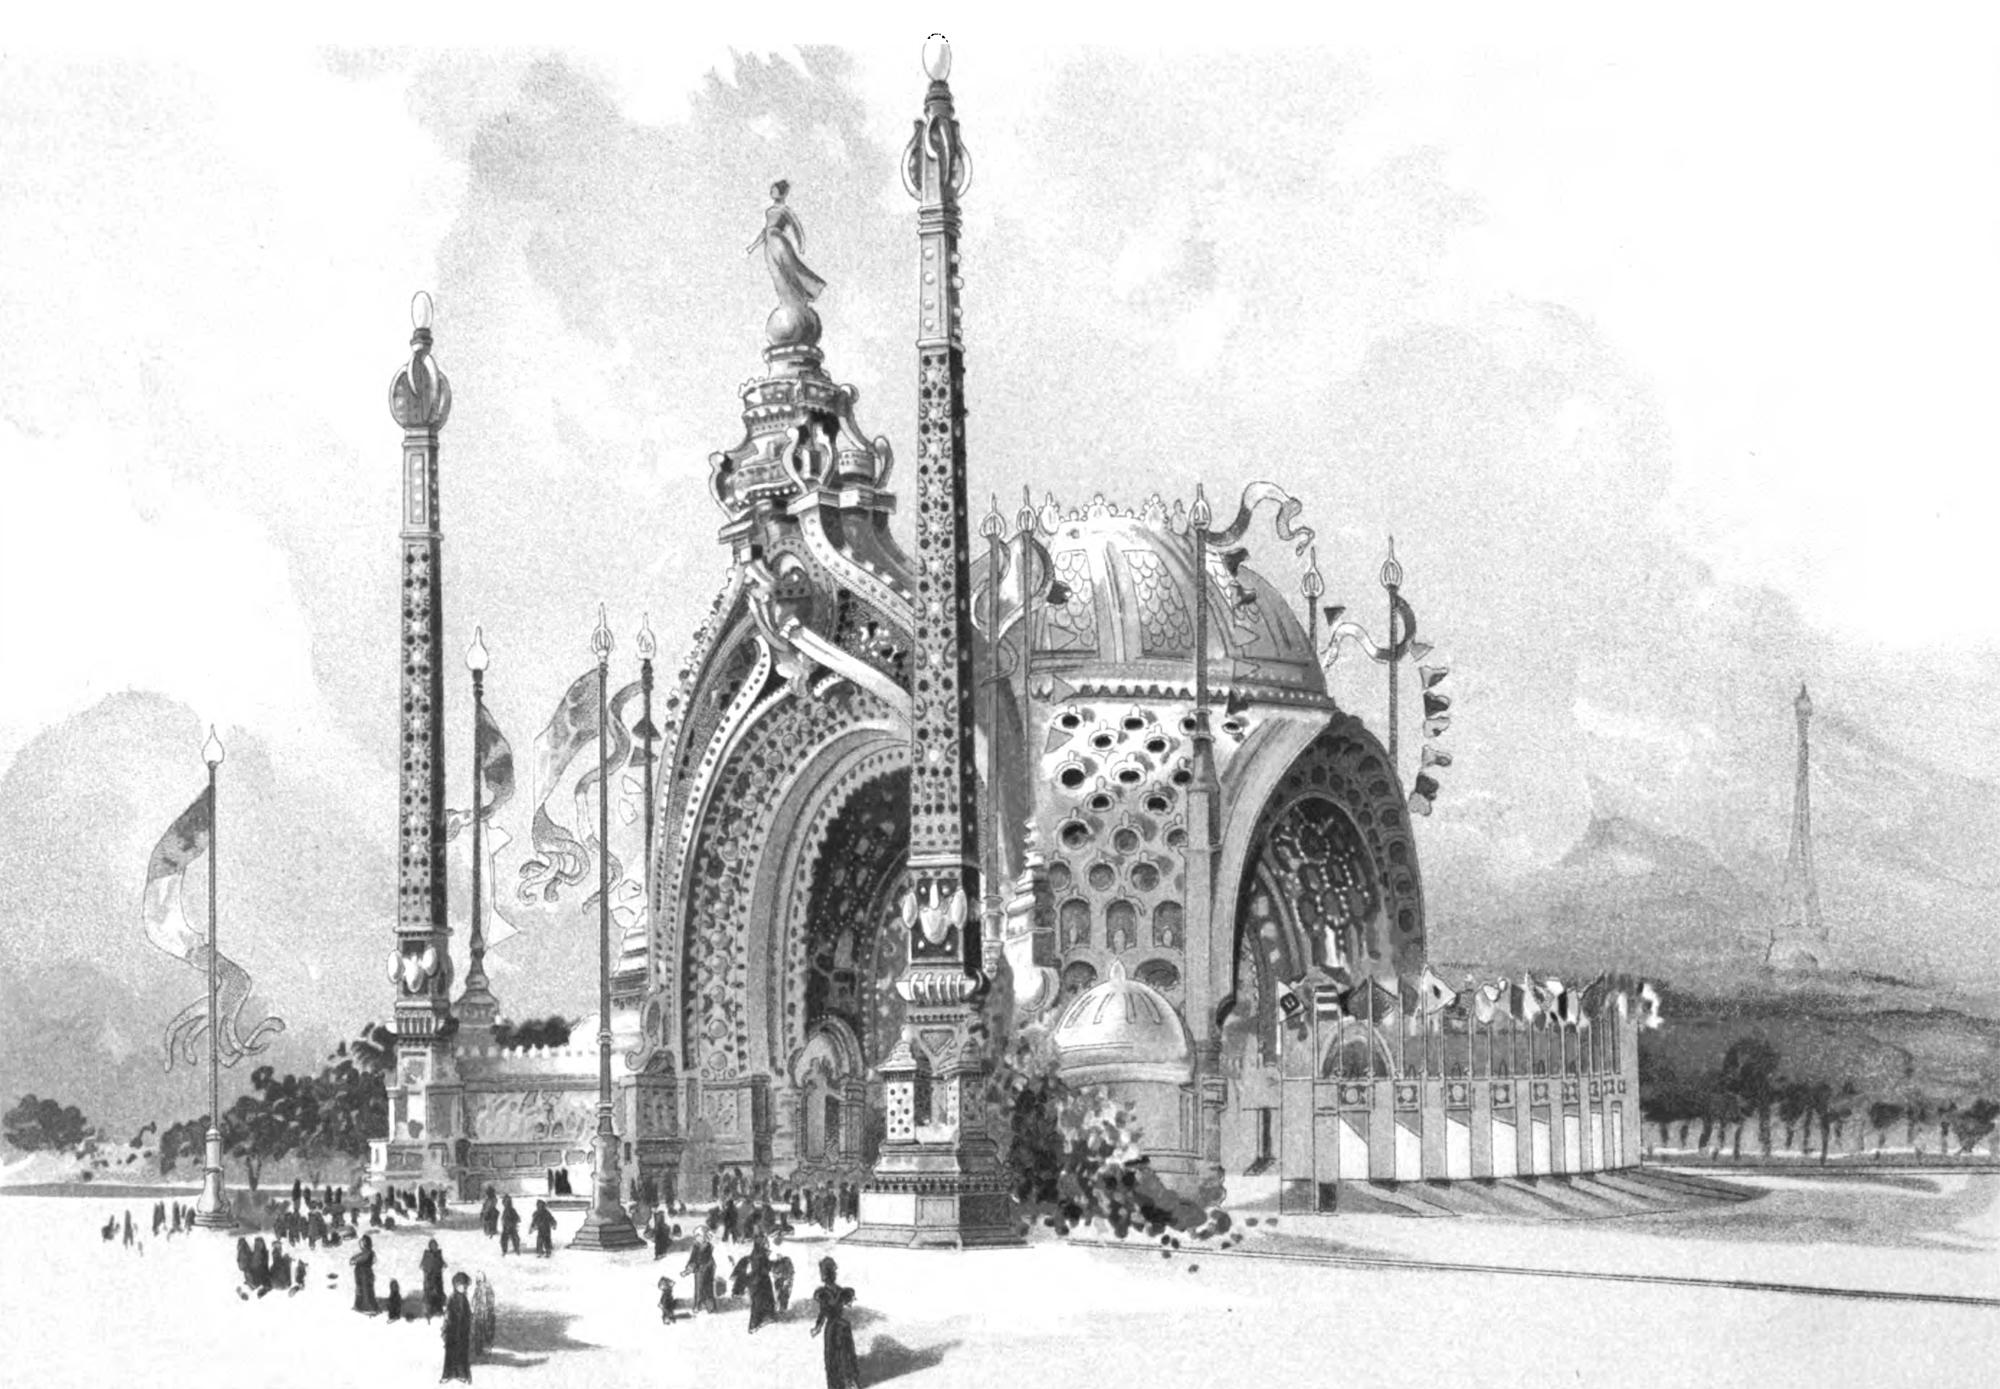 Rene binet paris exposition 1900 entrance art et for Arts et decoration